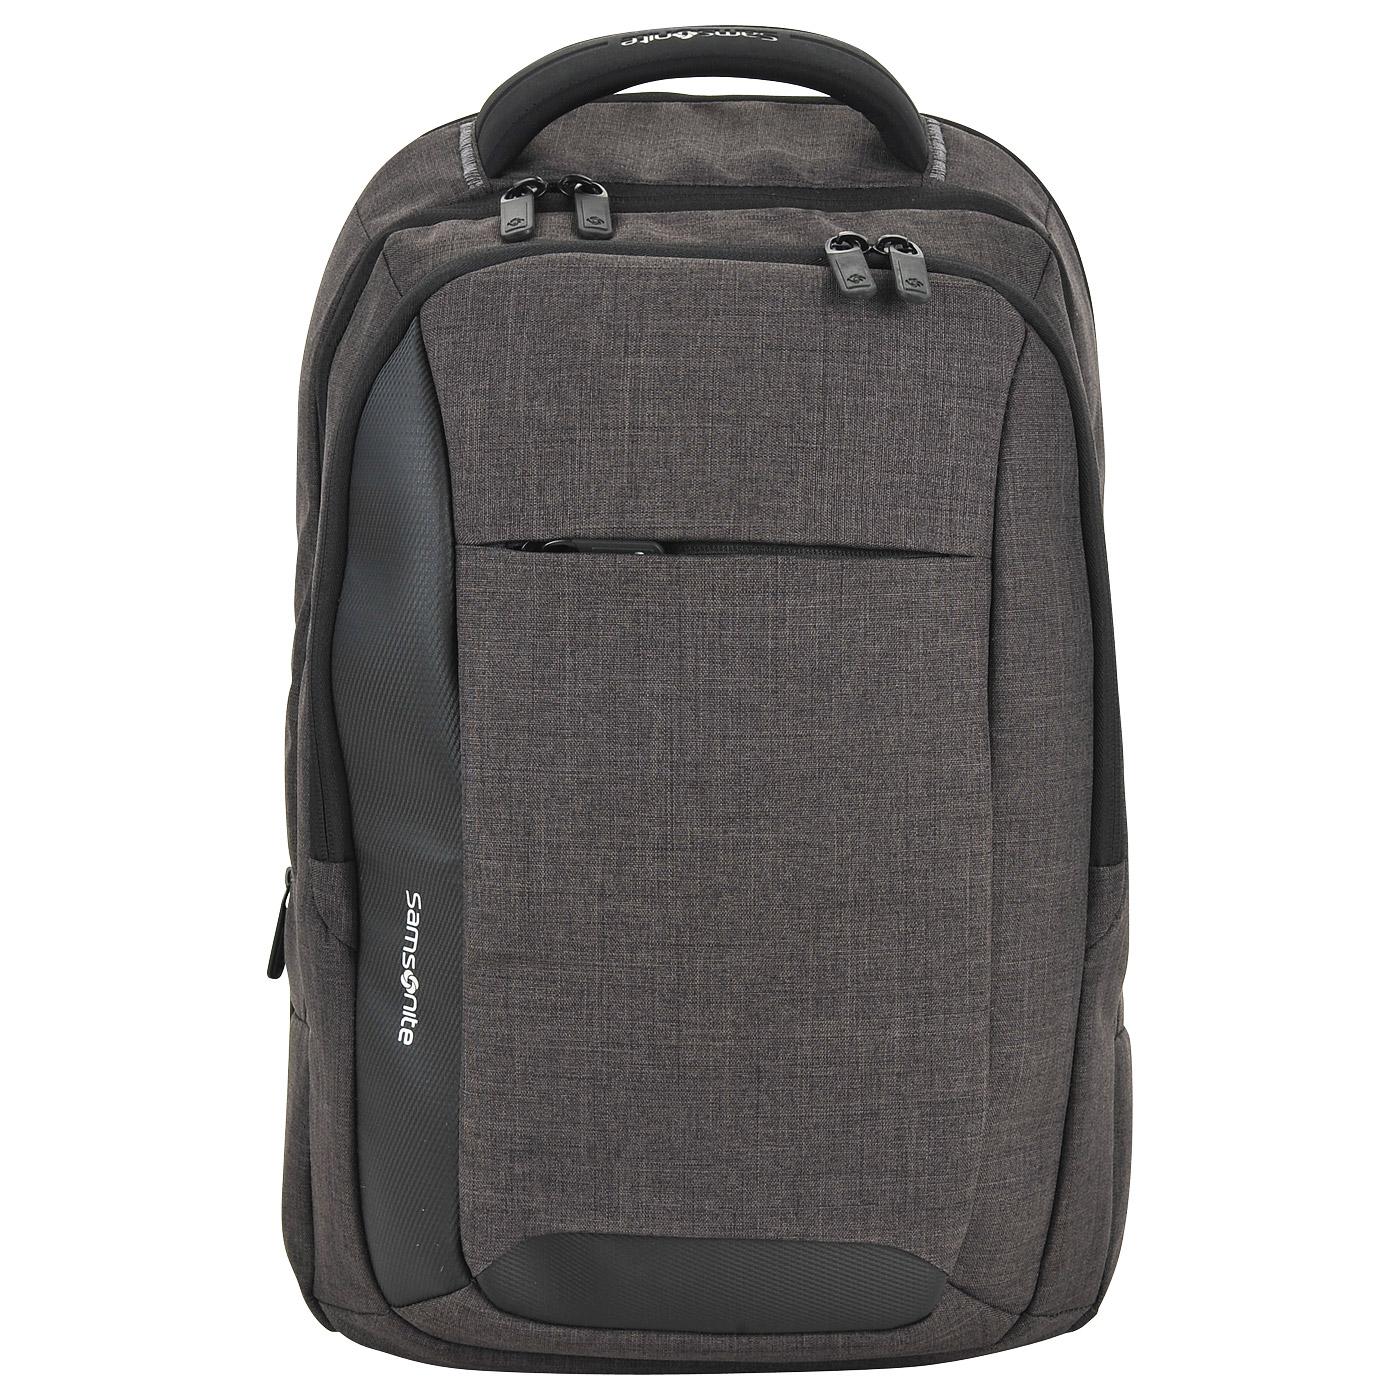 Тканевый рюкзак Samsonite Ikonn 31R48002 - 2000557758902 серый ... 90788c4fc24